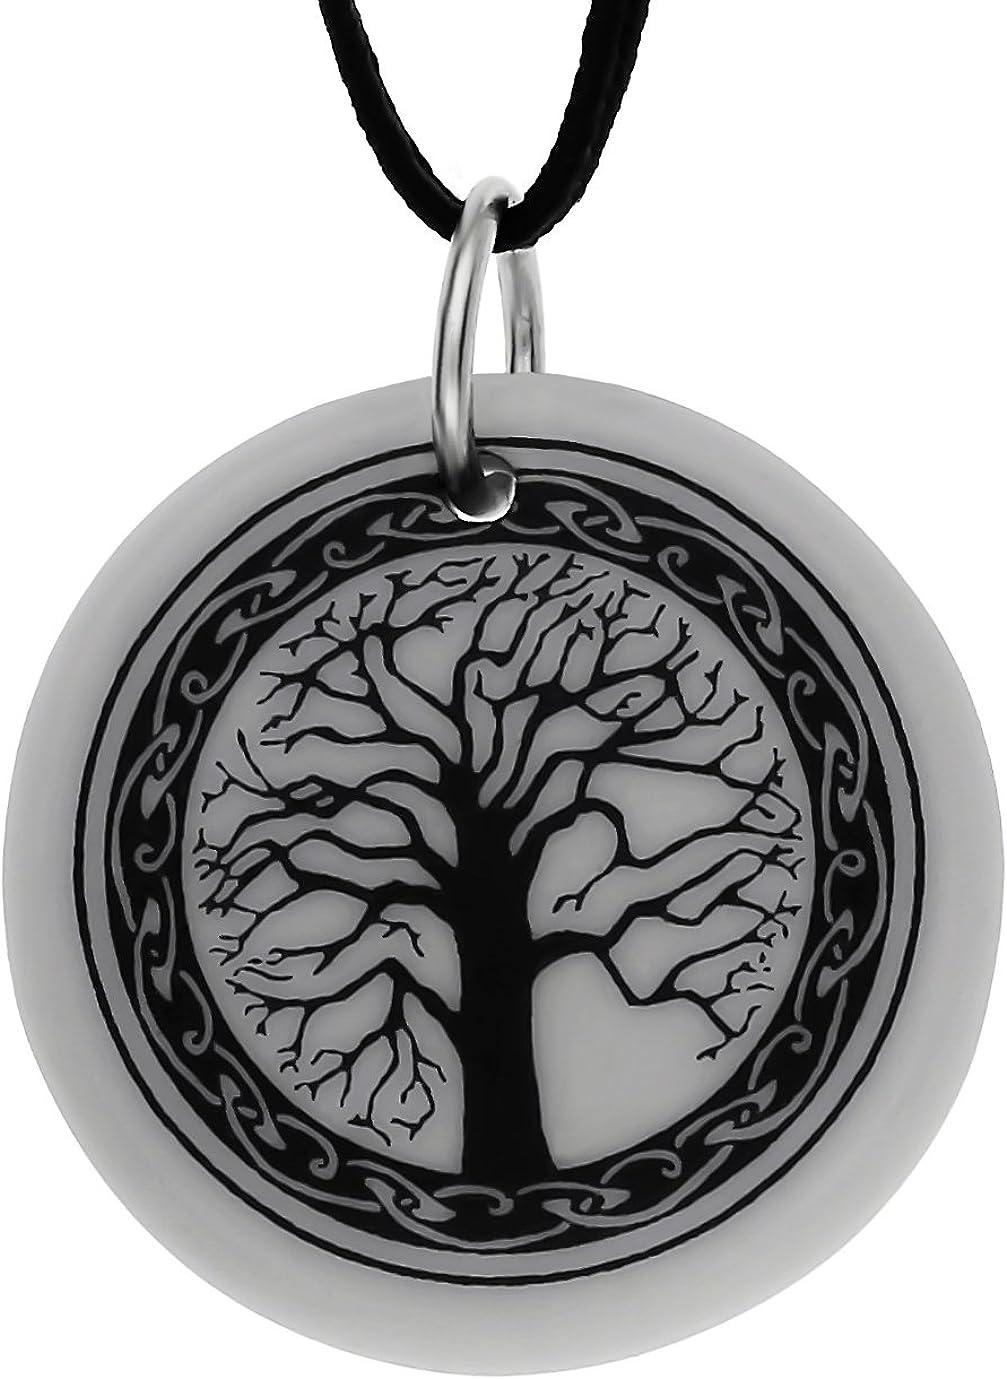 Pendentif celtique en porcelaine ronde fait main arbre de vie